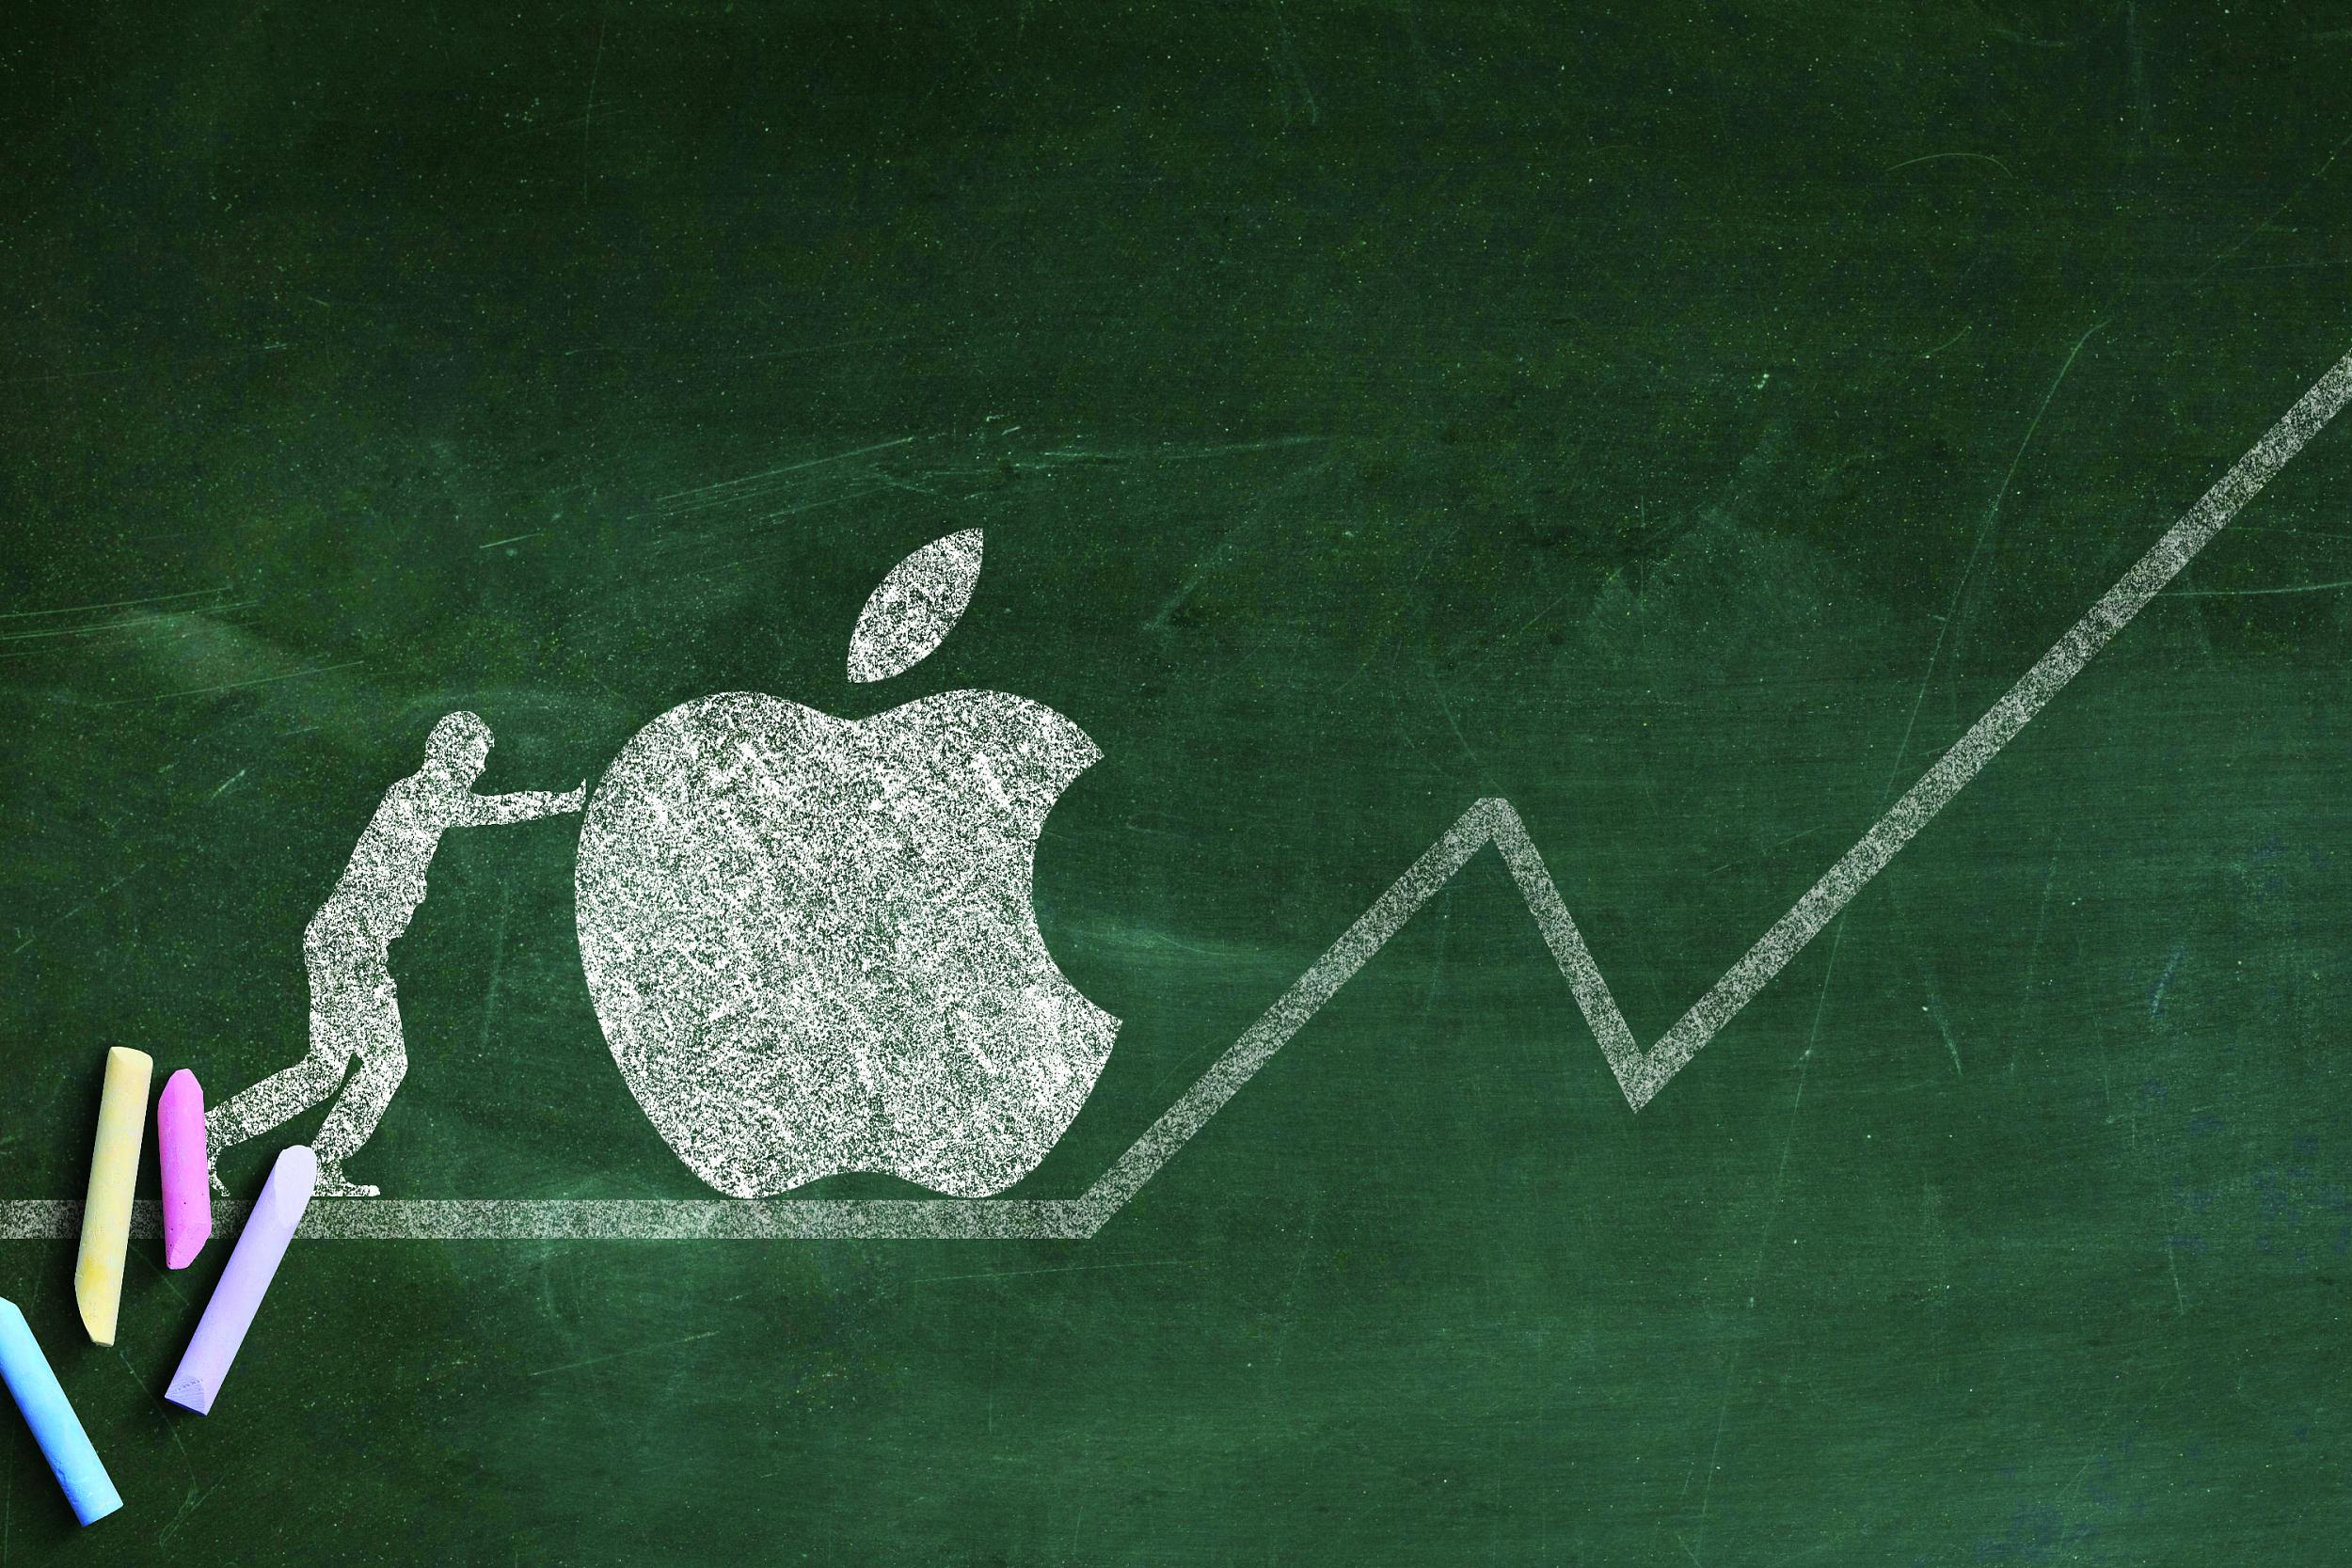 苹果|新机发行周期临近 苹果股价再创新 市值达到2.4万亿美元